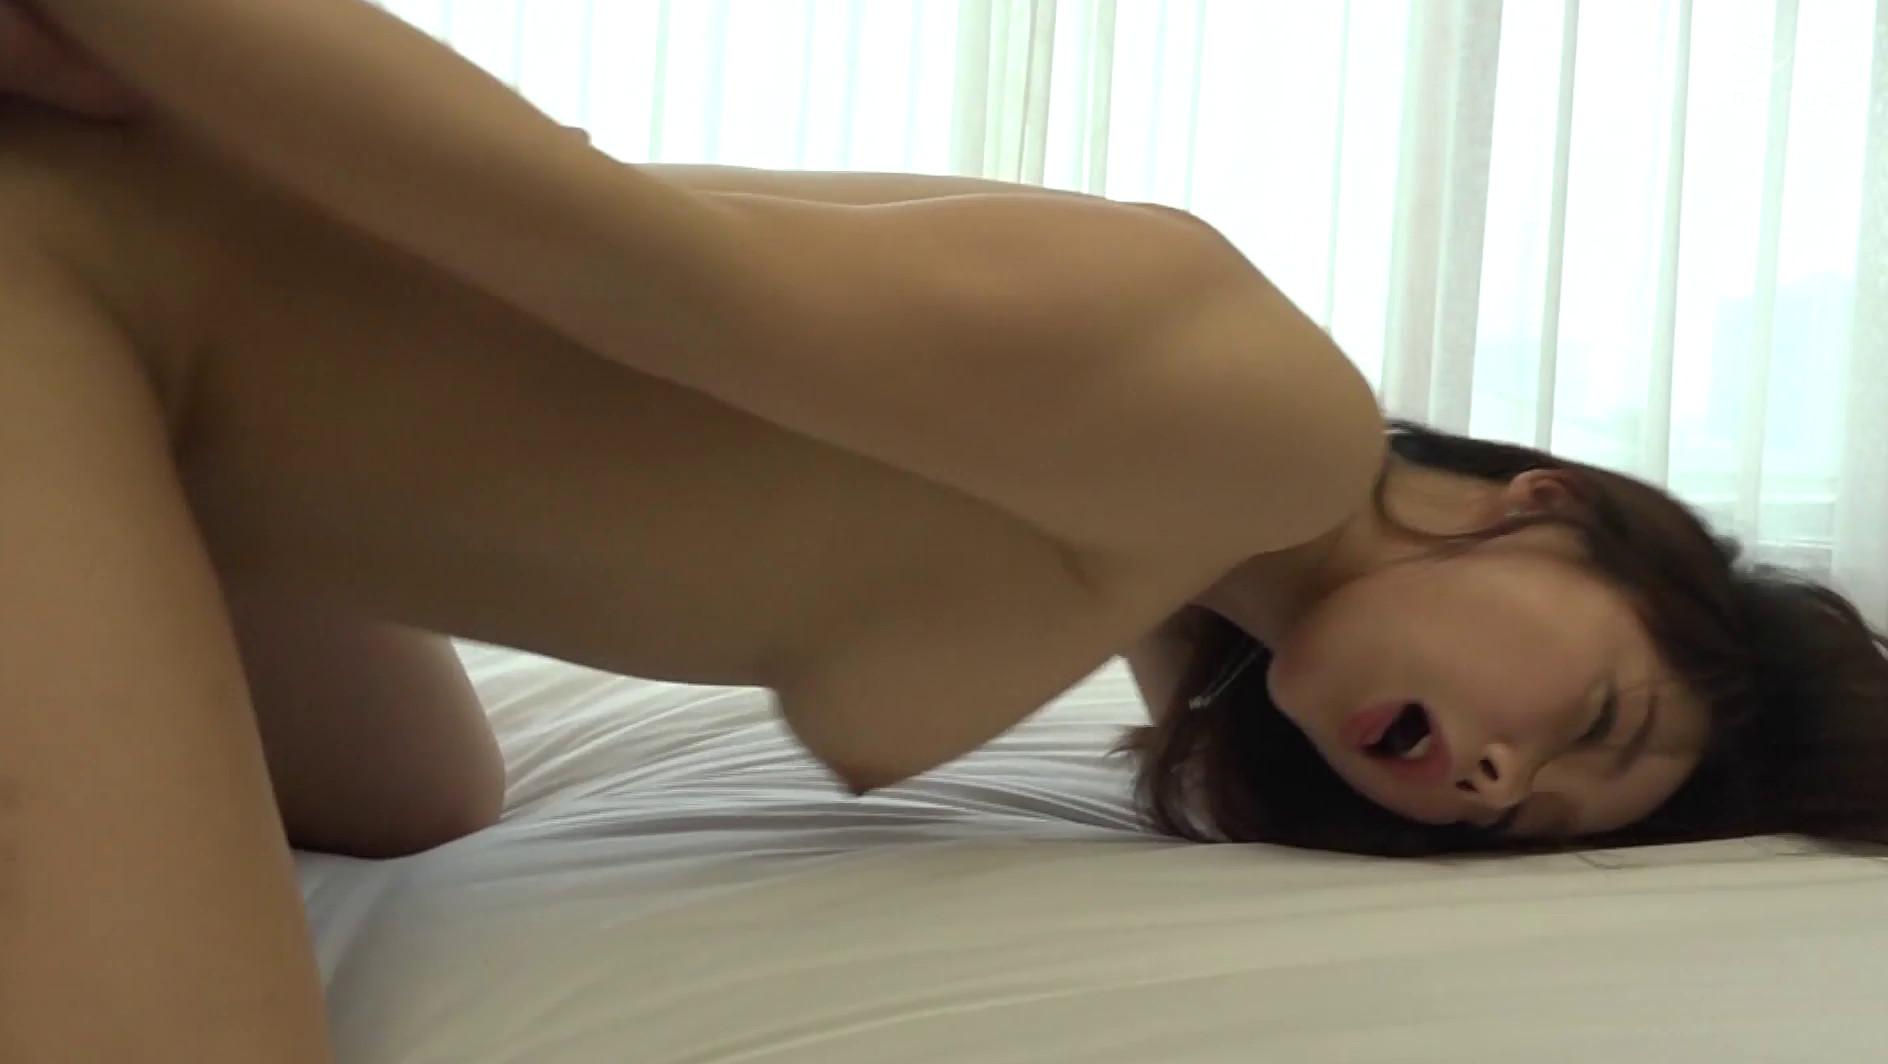 世界一エロい!韓国(裏)マッサージ エース級美女とまさかの本番セックス 12人4時間 画像11